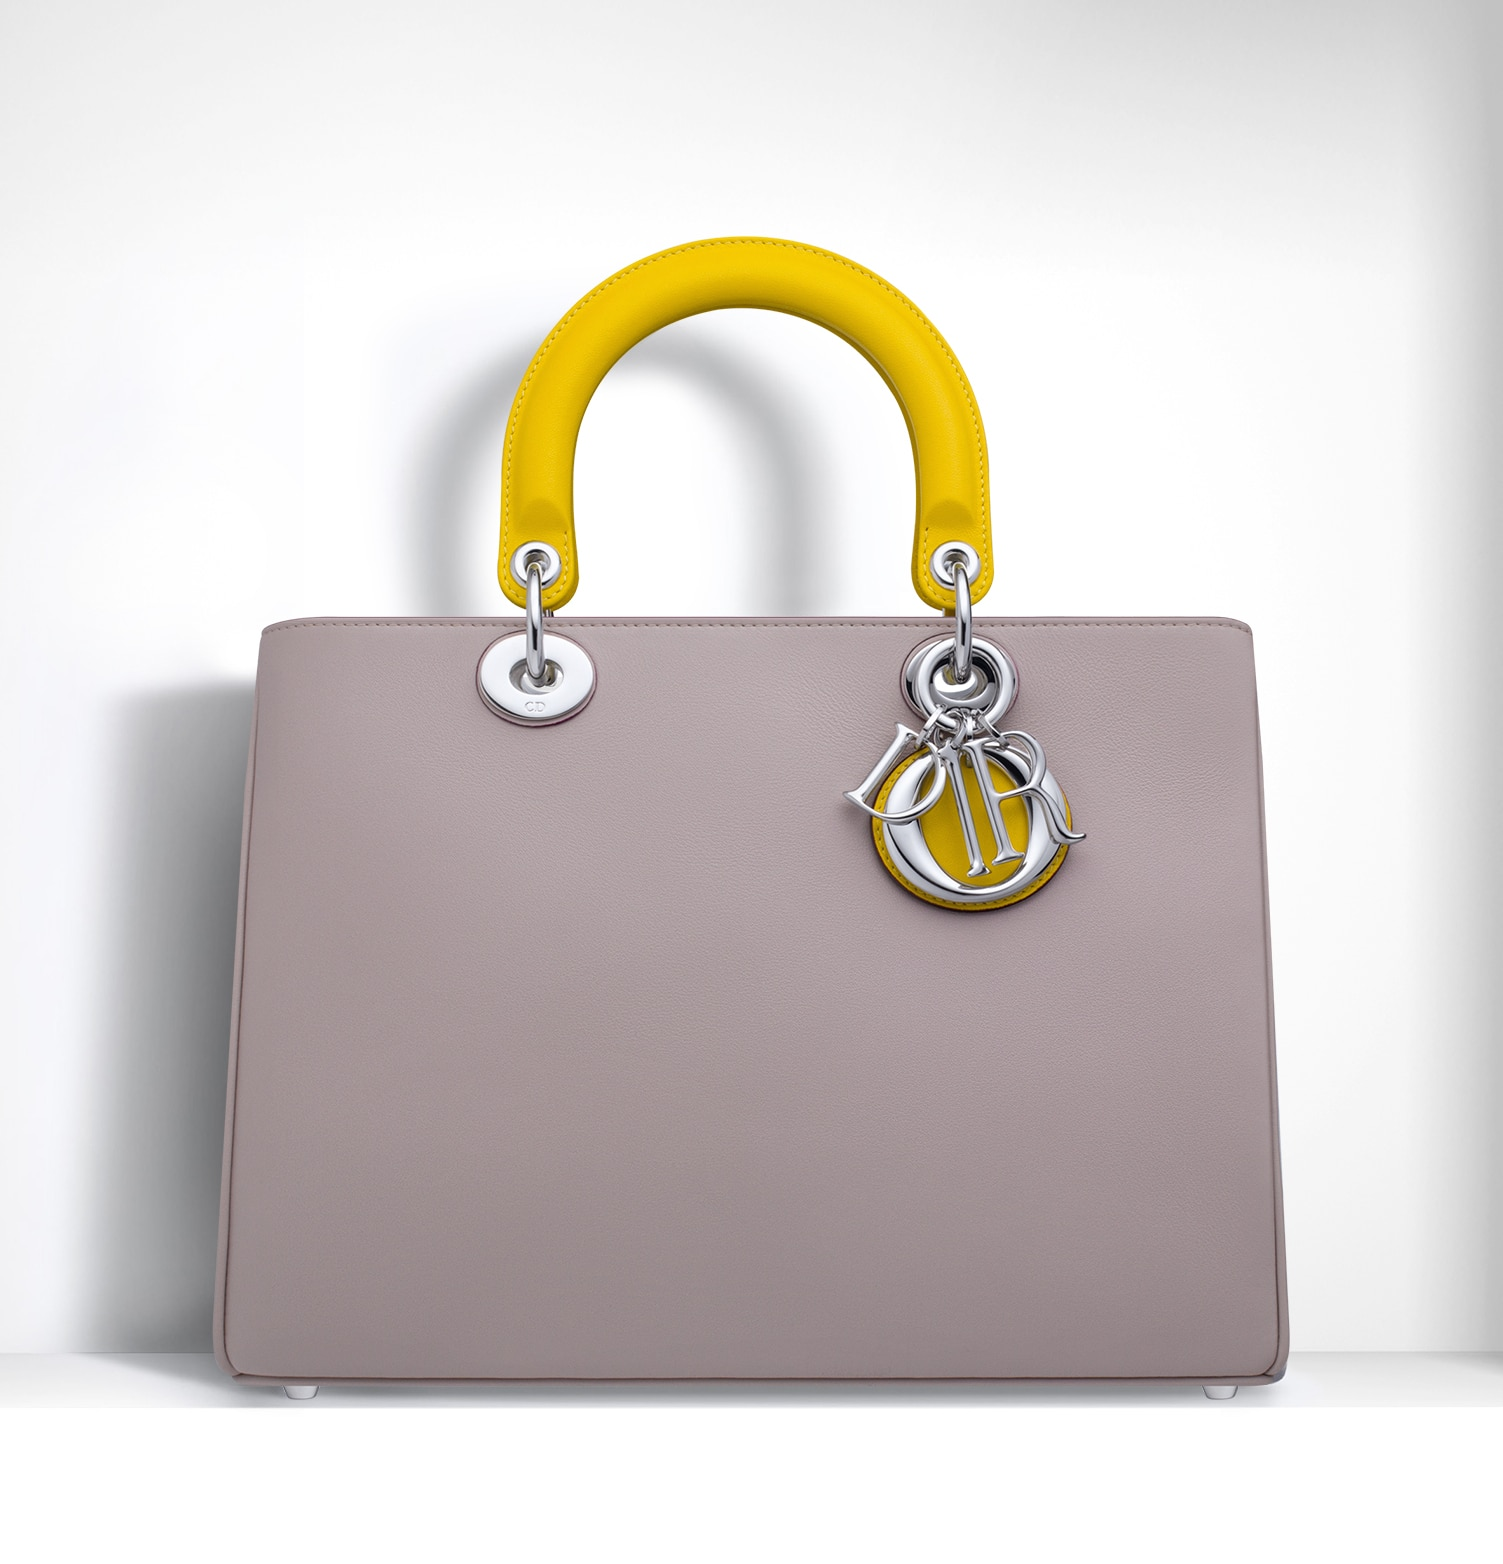 d0d9af6539 Dior Spring/Summer 2015 Bag Collection featuring Furistic Details ...